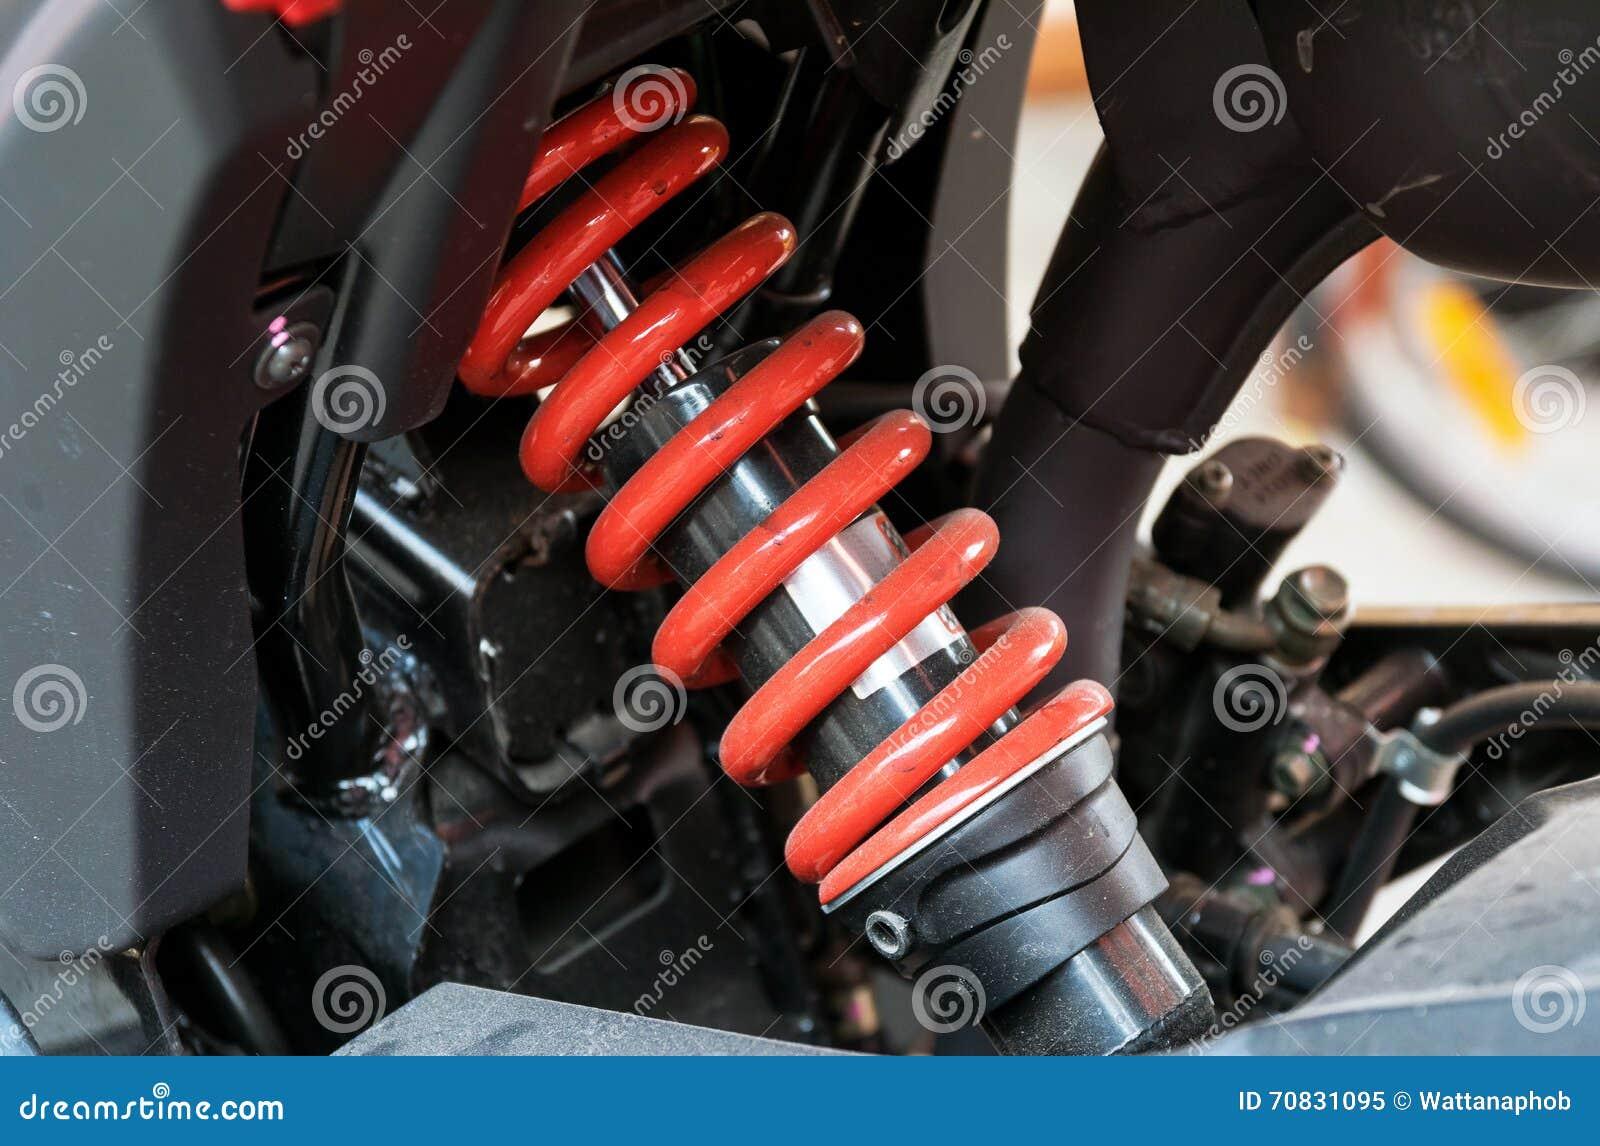 摩托车吸收的一个设备颠簸的缓冲器